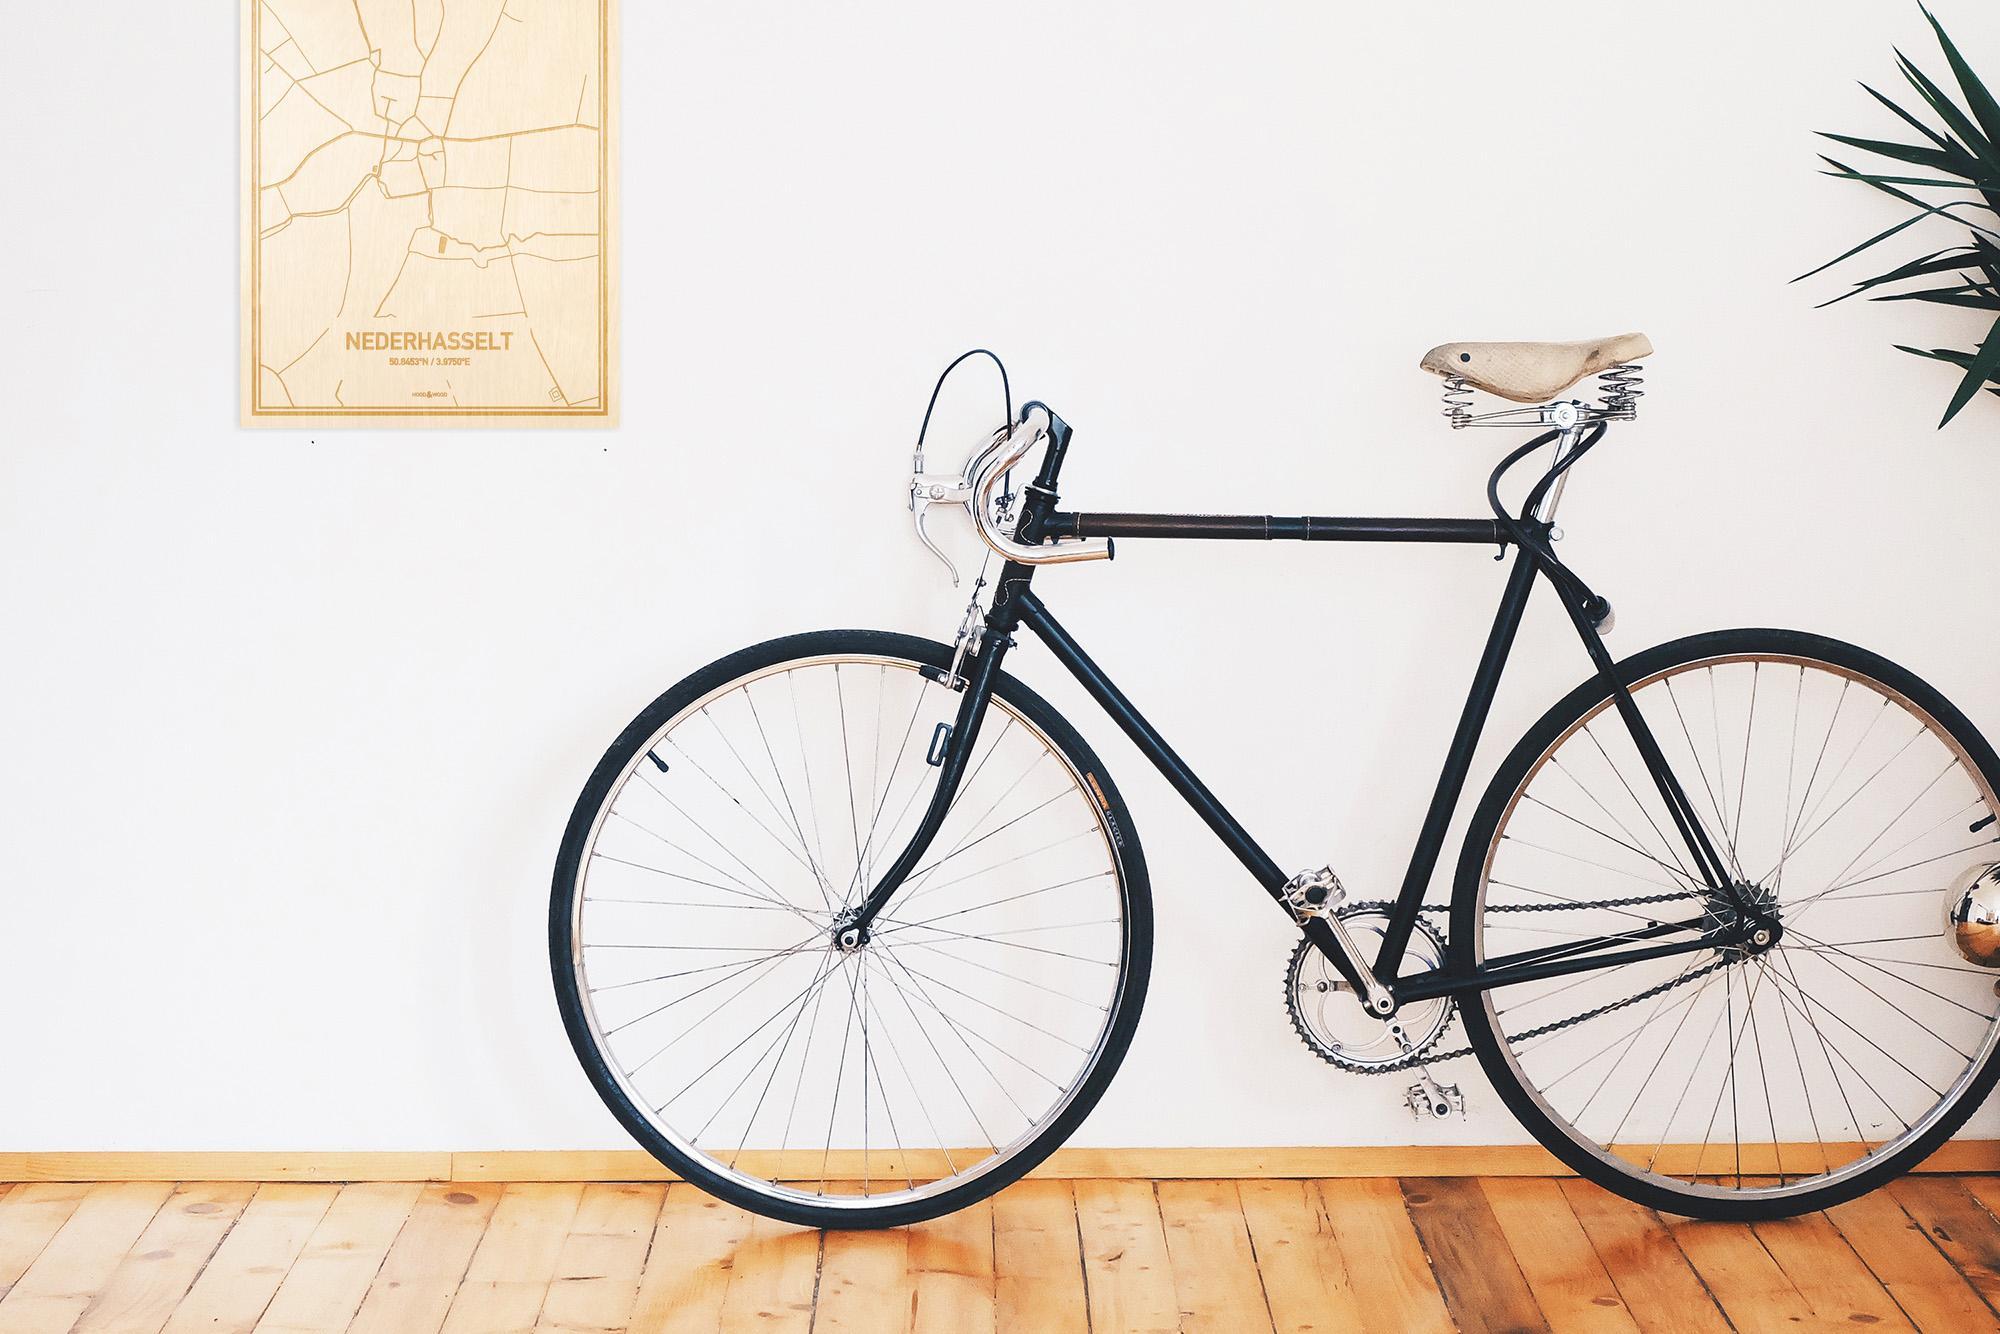 Een snelle fiets in een uniek interieur in Oost-Vlaanderen  met mooie decoratie zoals de plattegrond Nederhasselt.